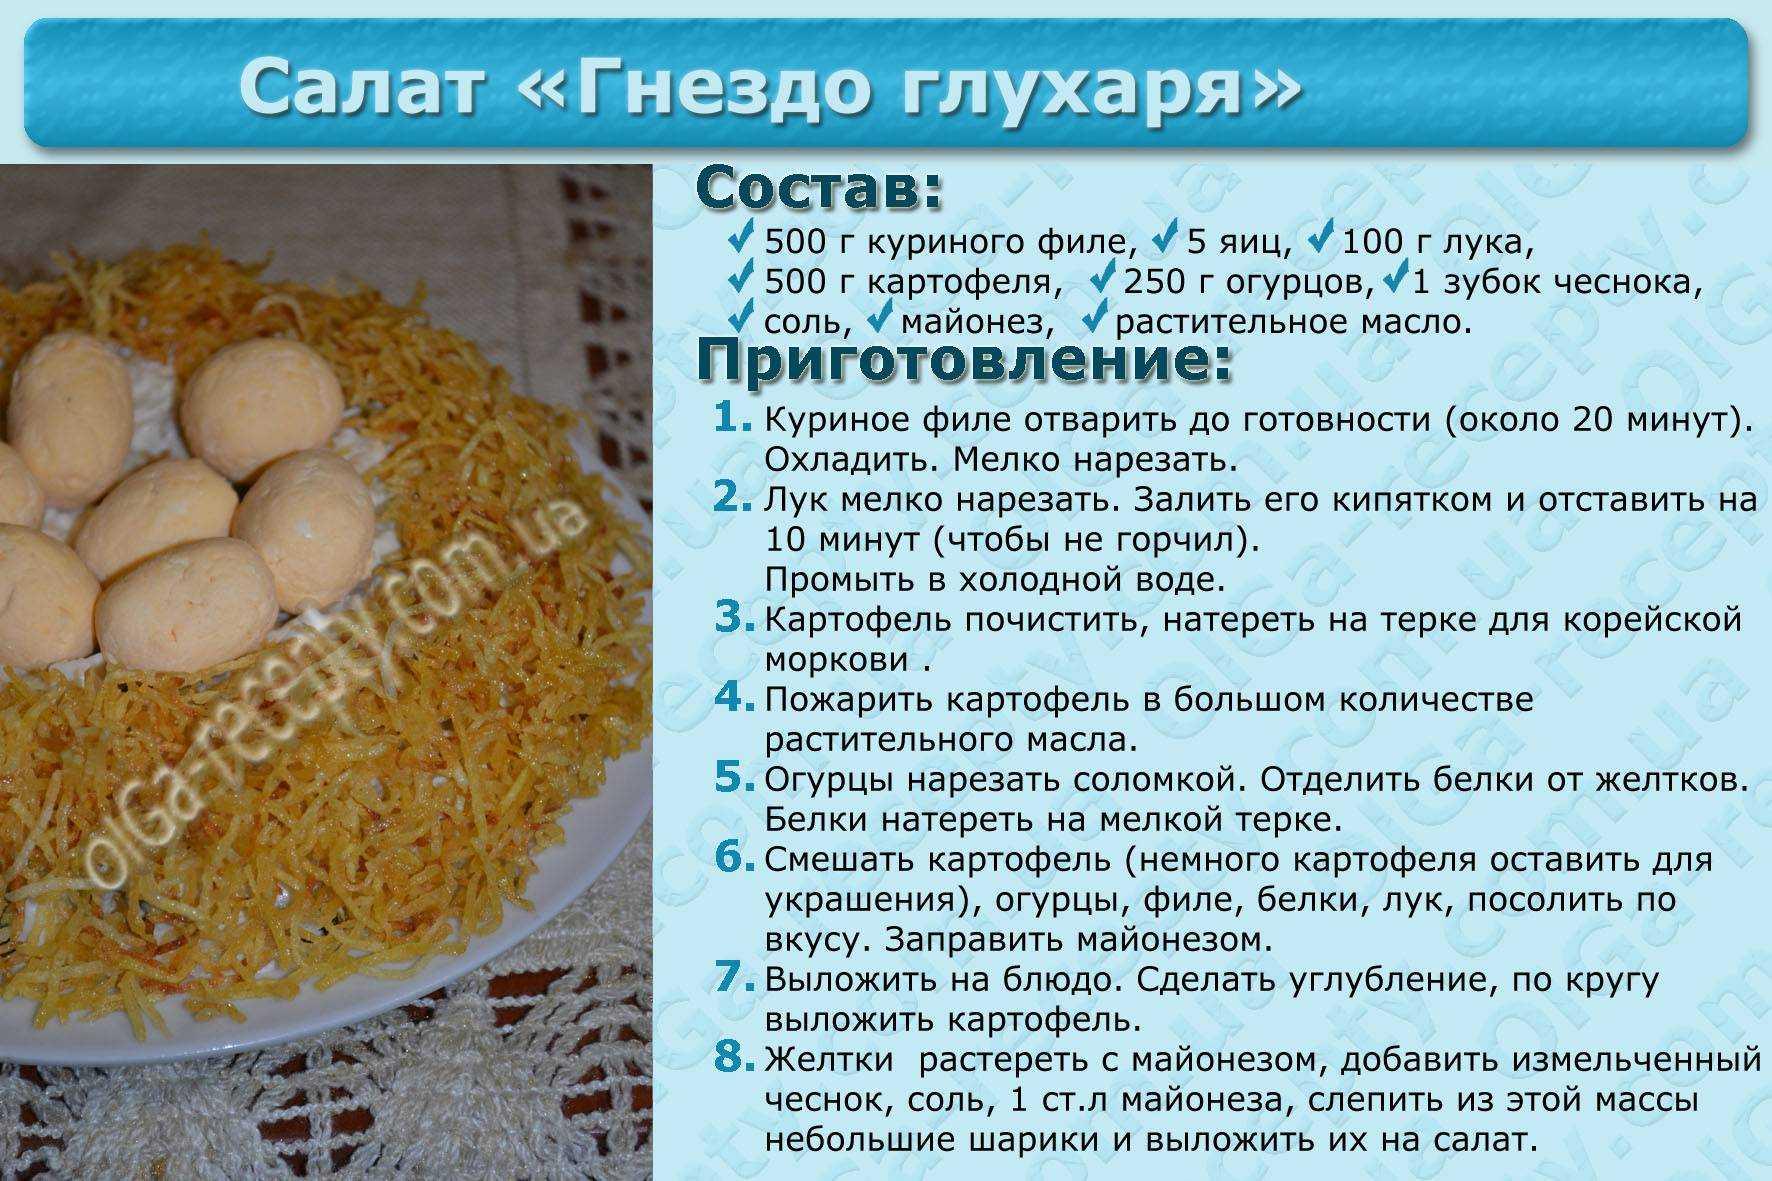 Лучшие рецепты салата «гнездо глухаря»